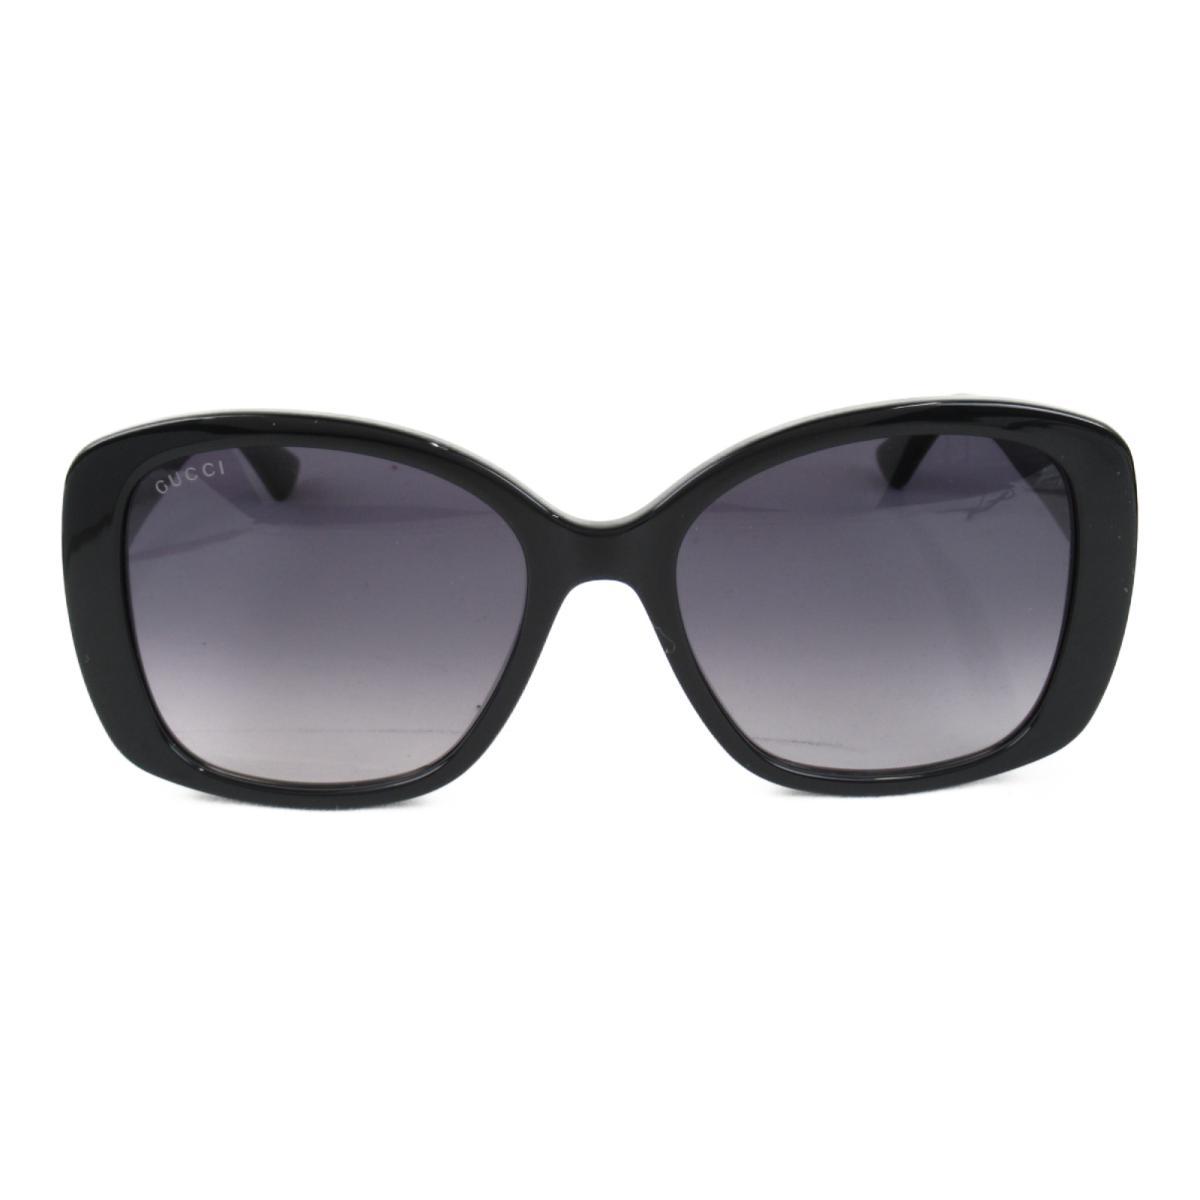 グッチ サングラス メンズ レディース レンズ・フレーム・テンプル:プラスチック ブラック x (0762S 1 56ロ18-145) | GUCCI BRANDOFF ブランドオフ ブランド ブランド雑貨 小物 雑貨 眼鏡 メガネ めがね